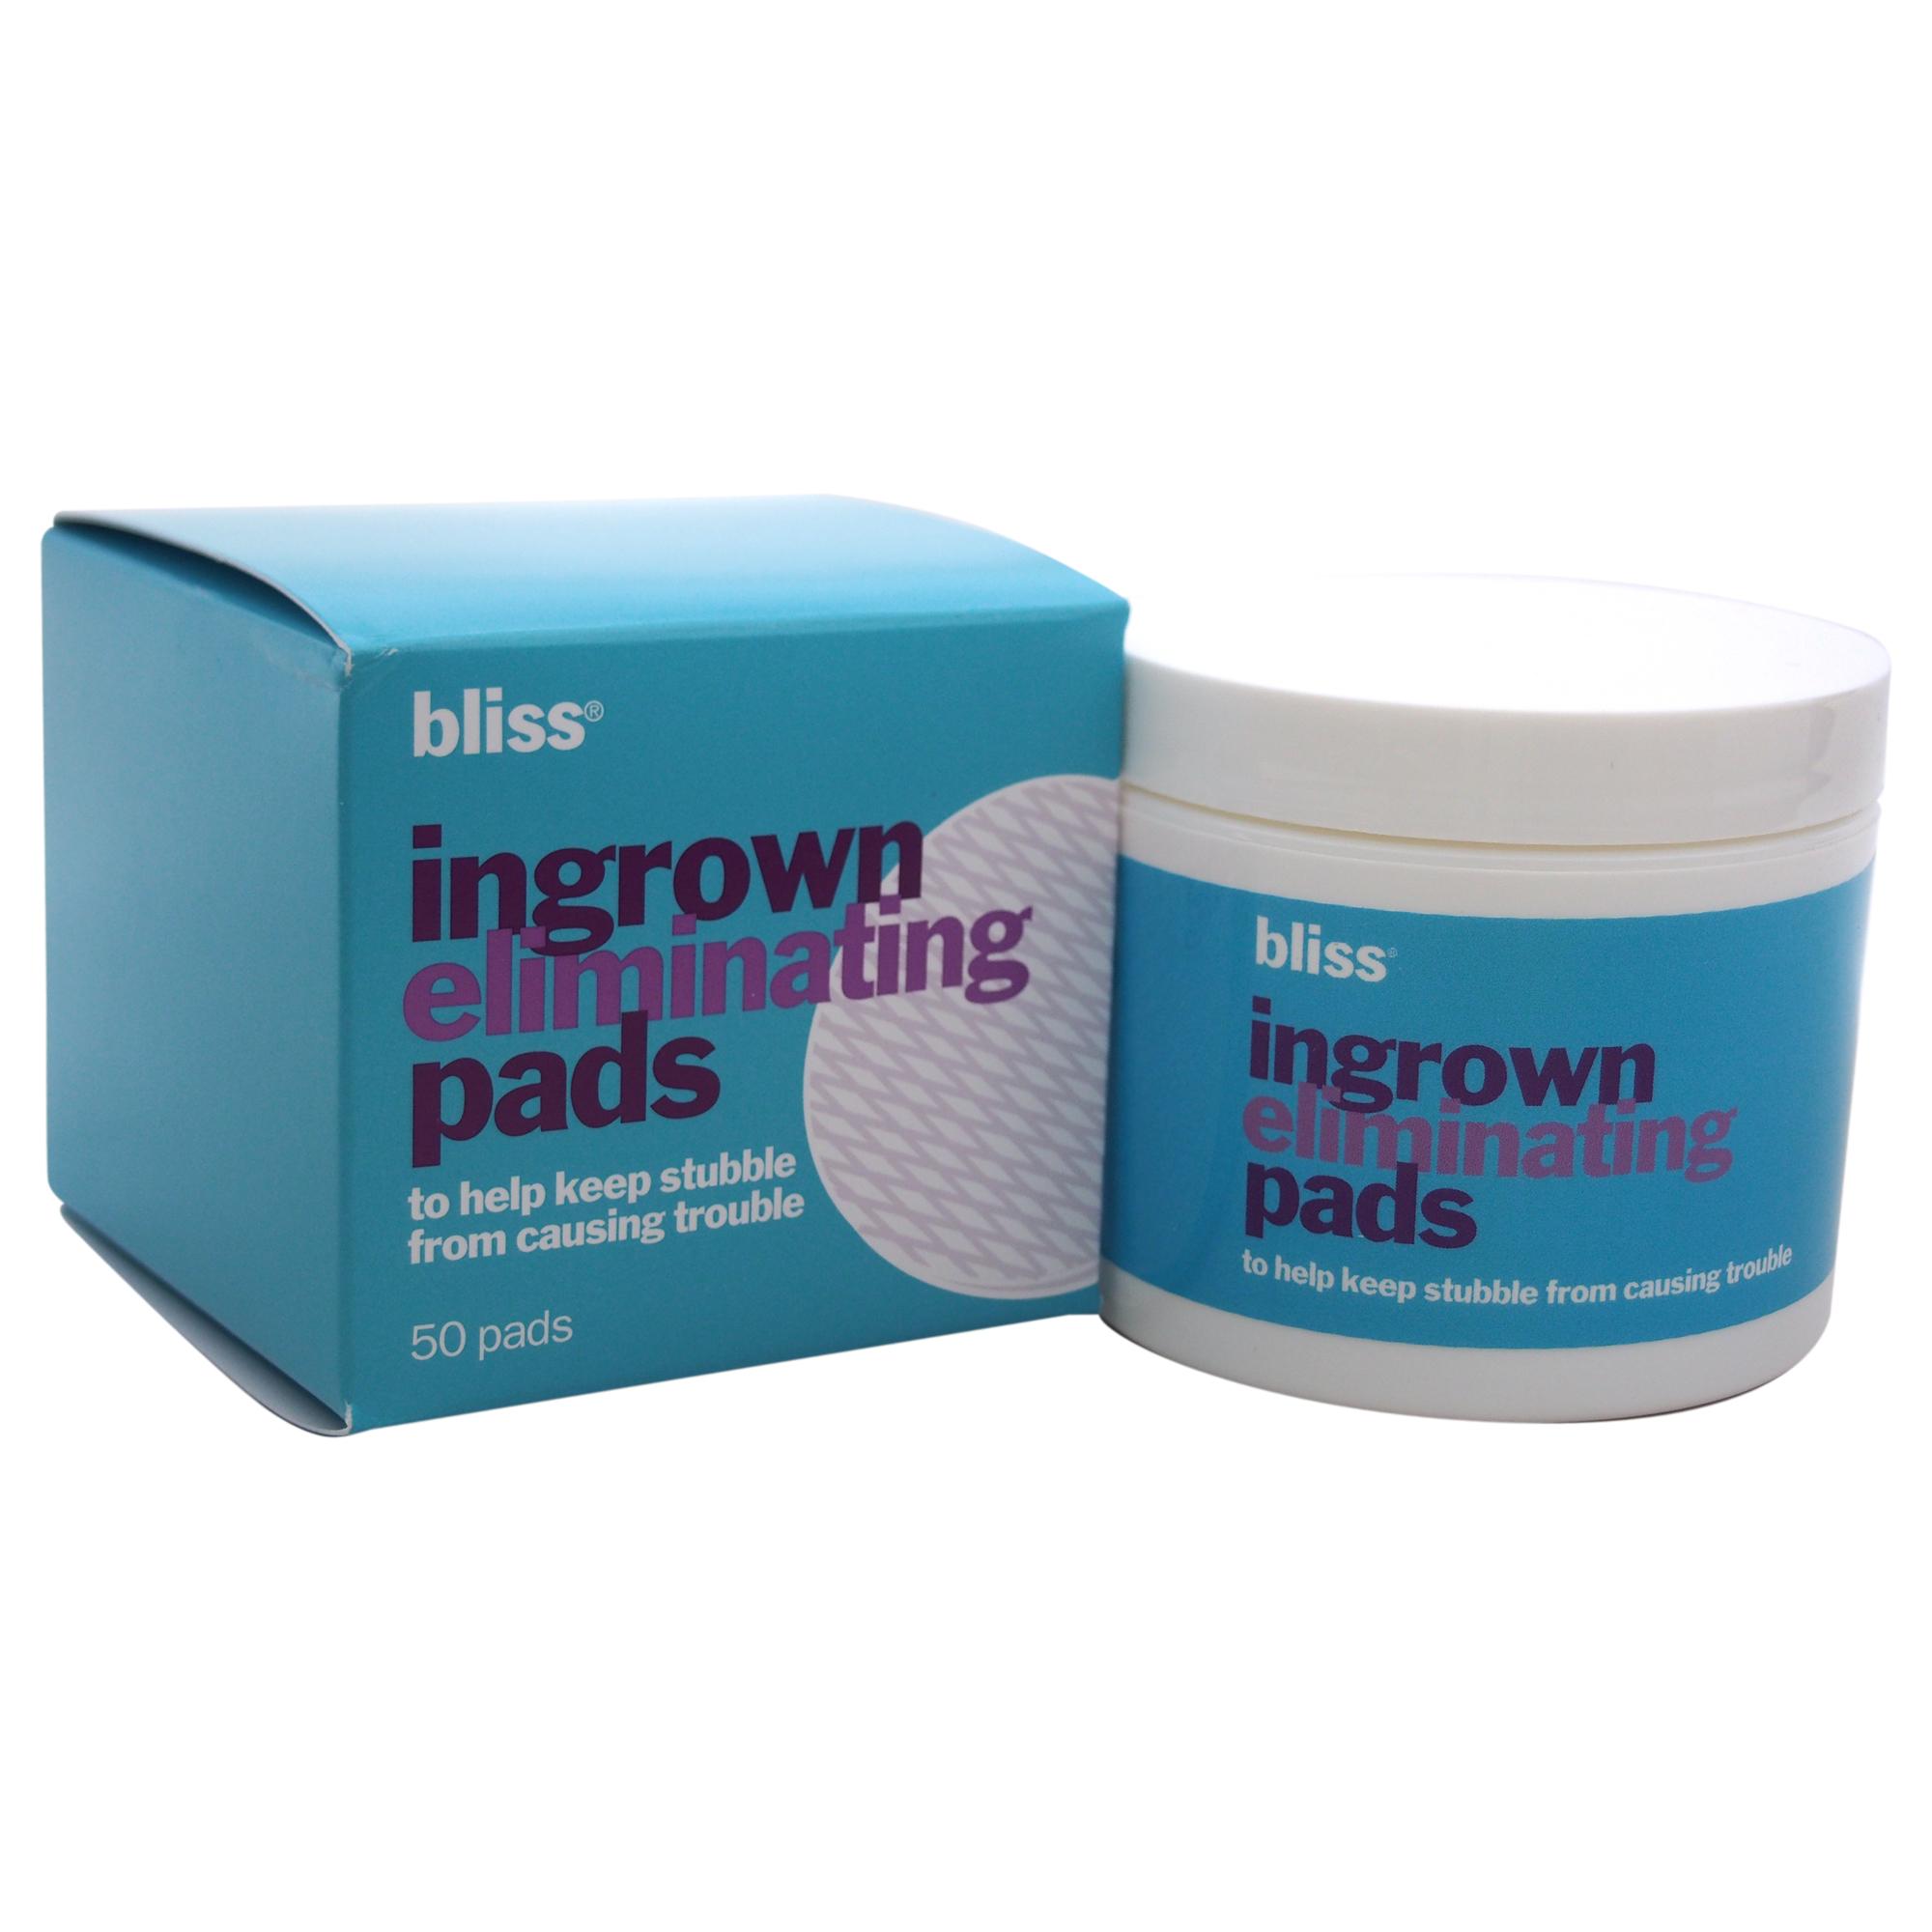 Ingrown Eliminating Pads Bliss 50pc 6f6c93d75b2c